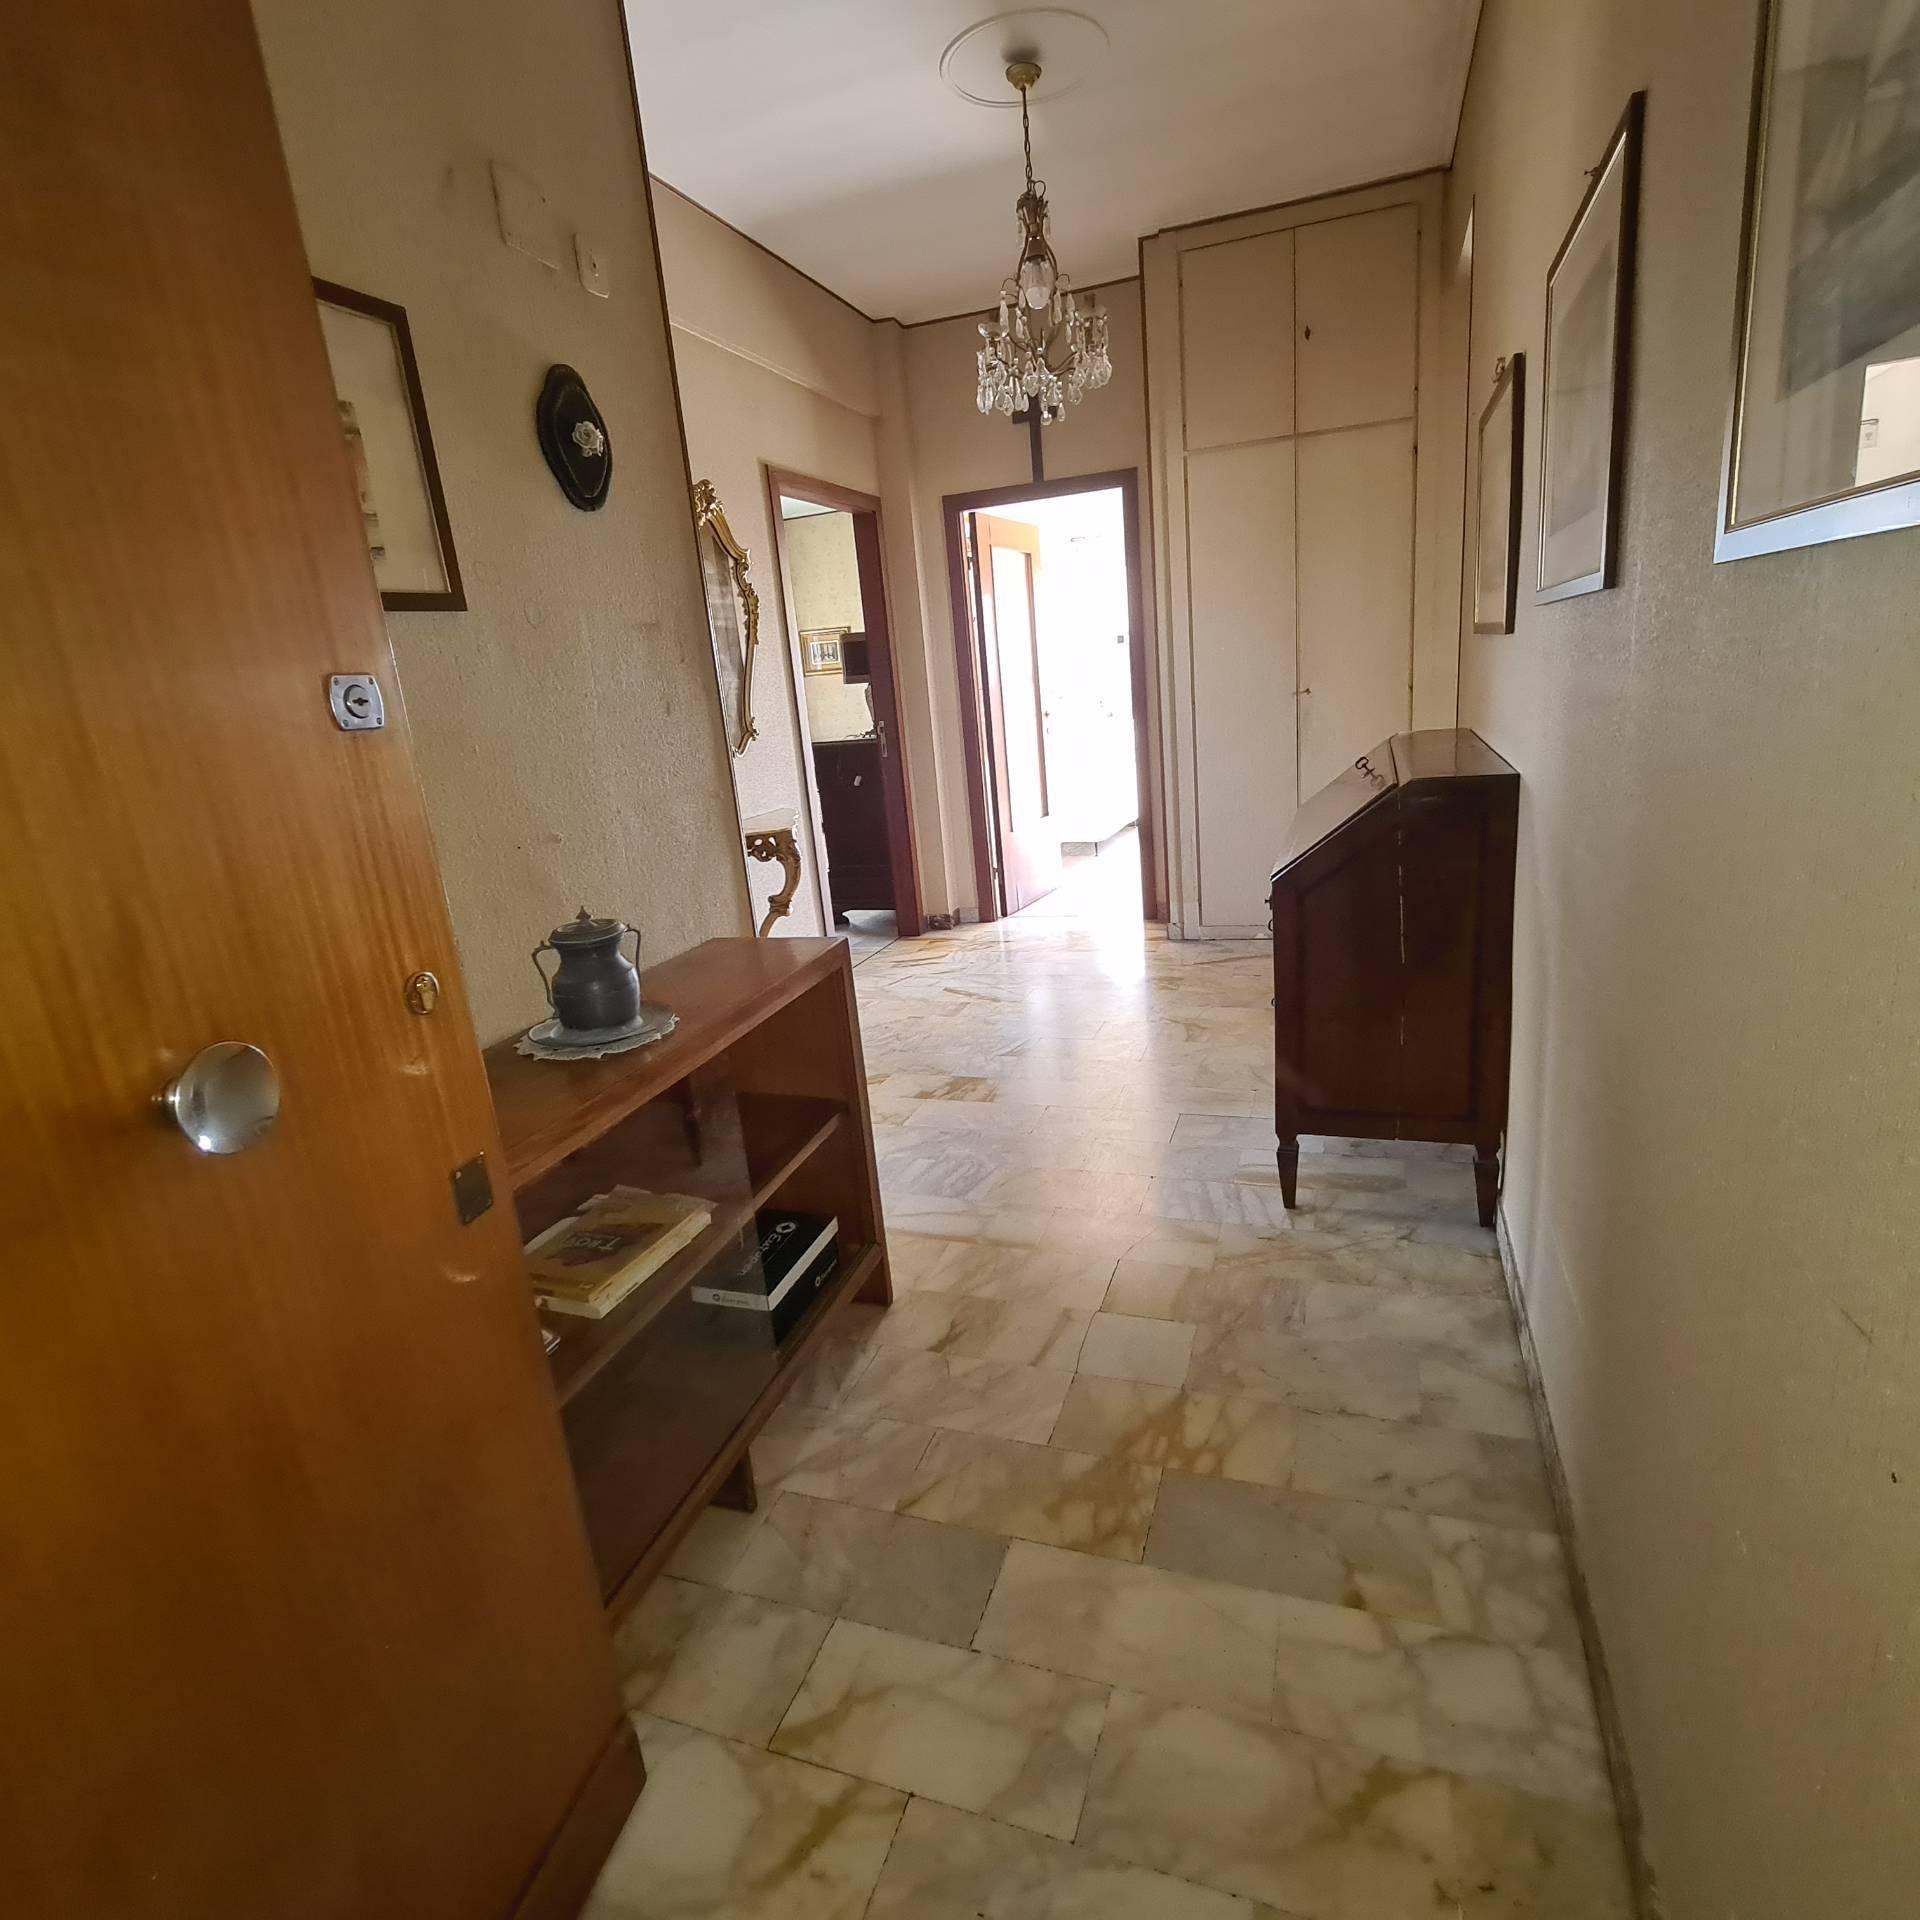 Attico / Mansarda in vendita a Chiavari, 6 locali, prezzo € 350.000 | PortaleAgenzieImmobiliari.it